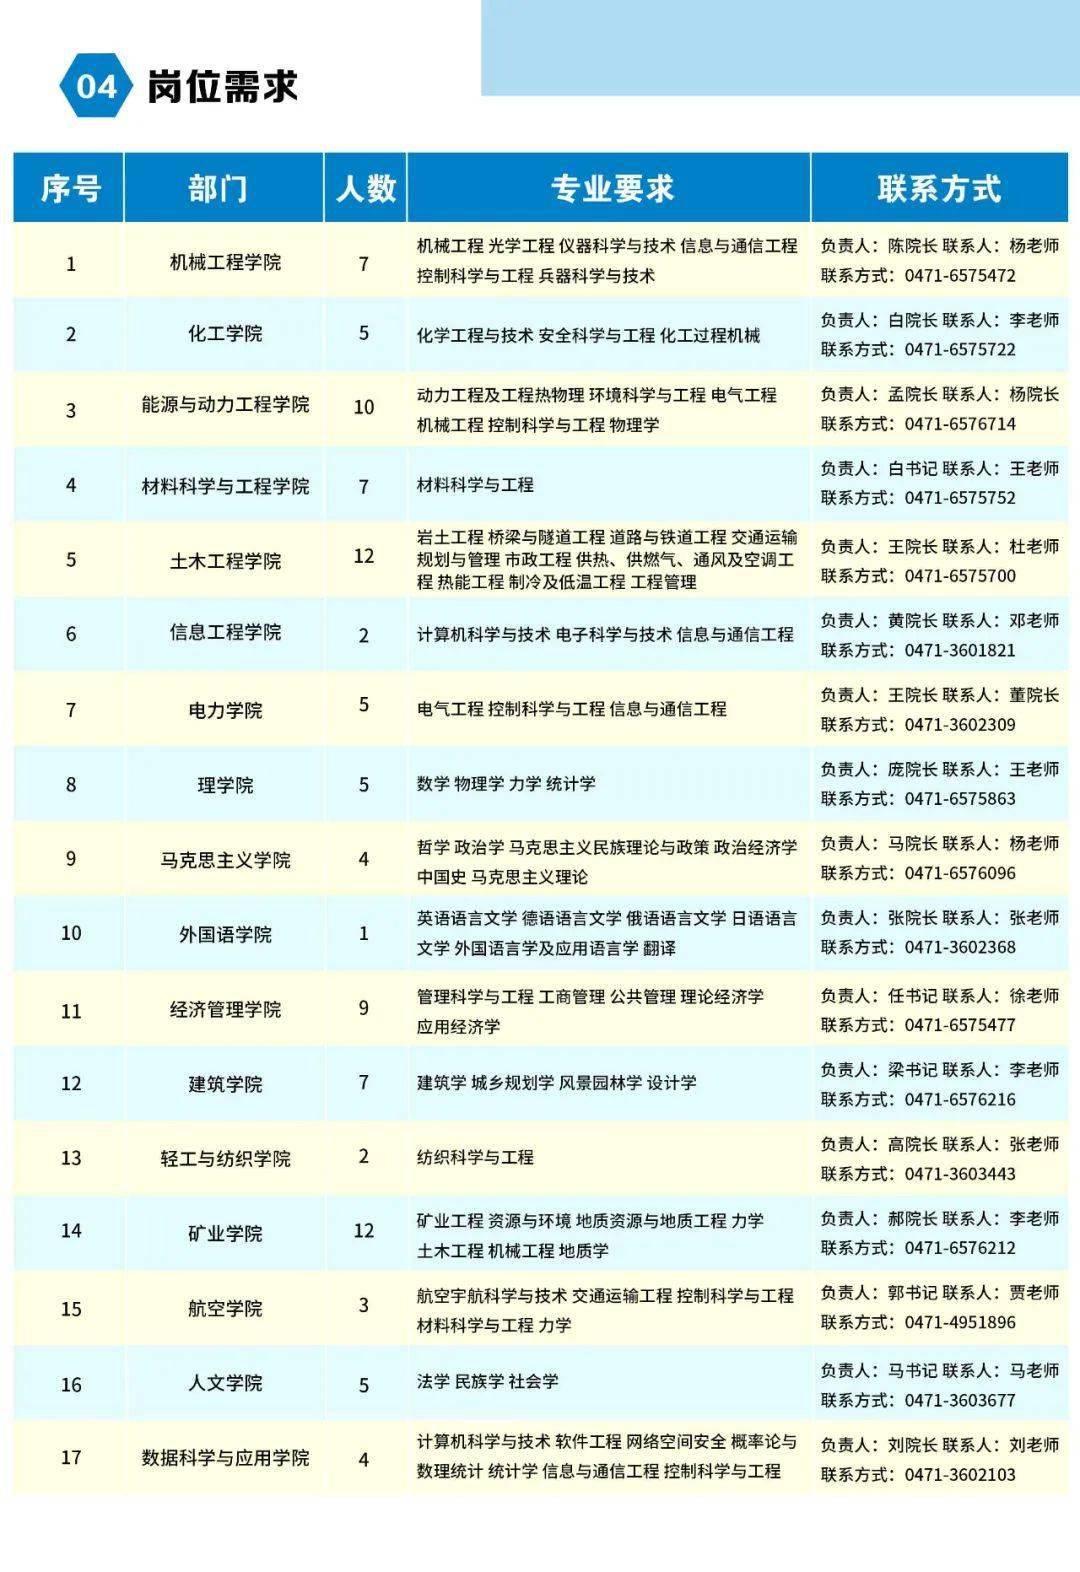 """内蒙古工业大学""""百名博士""""招聘计划"""